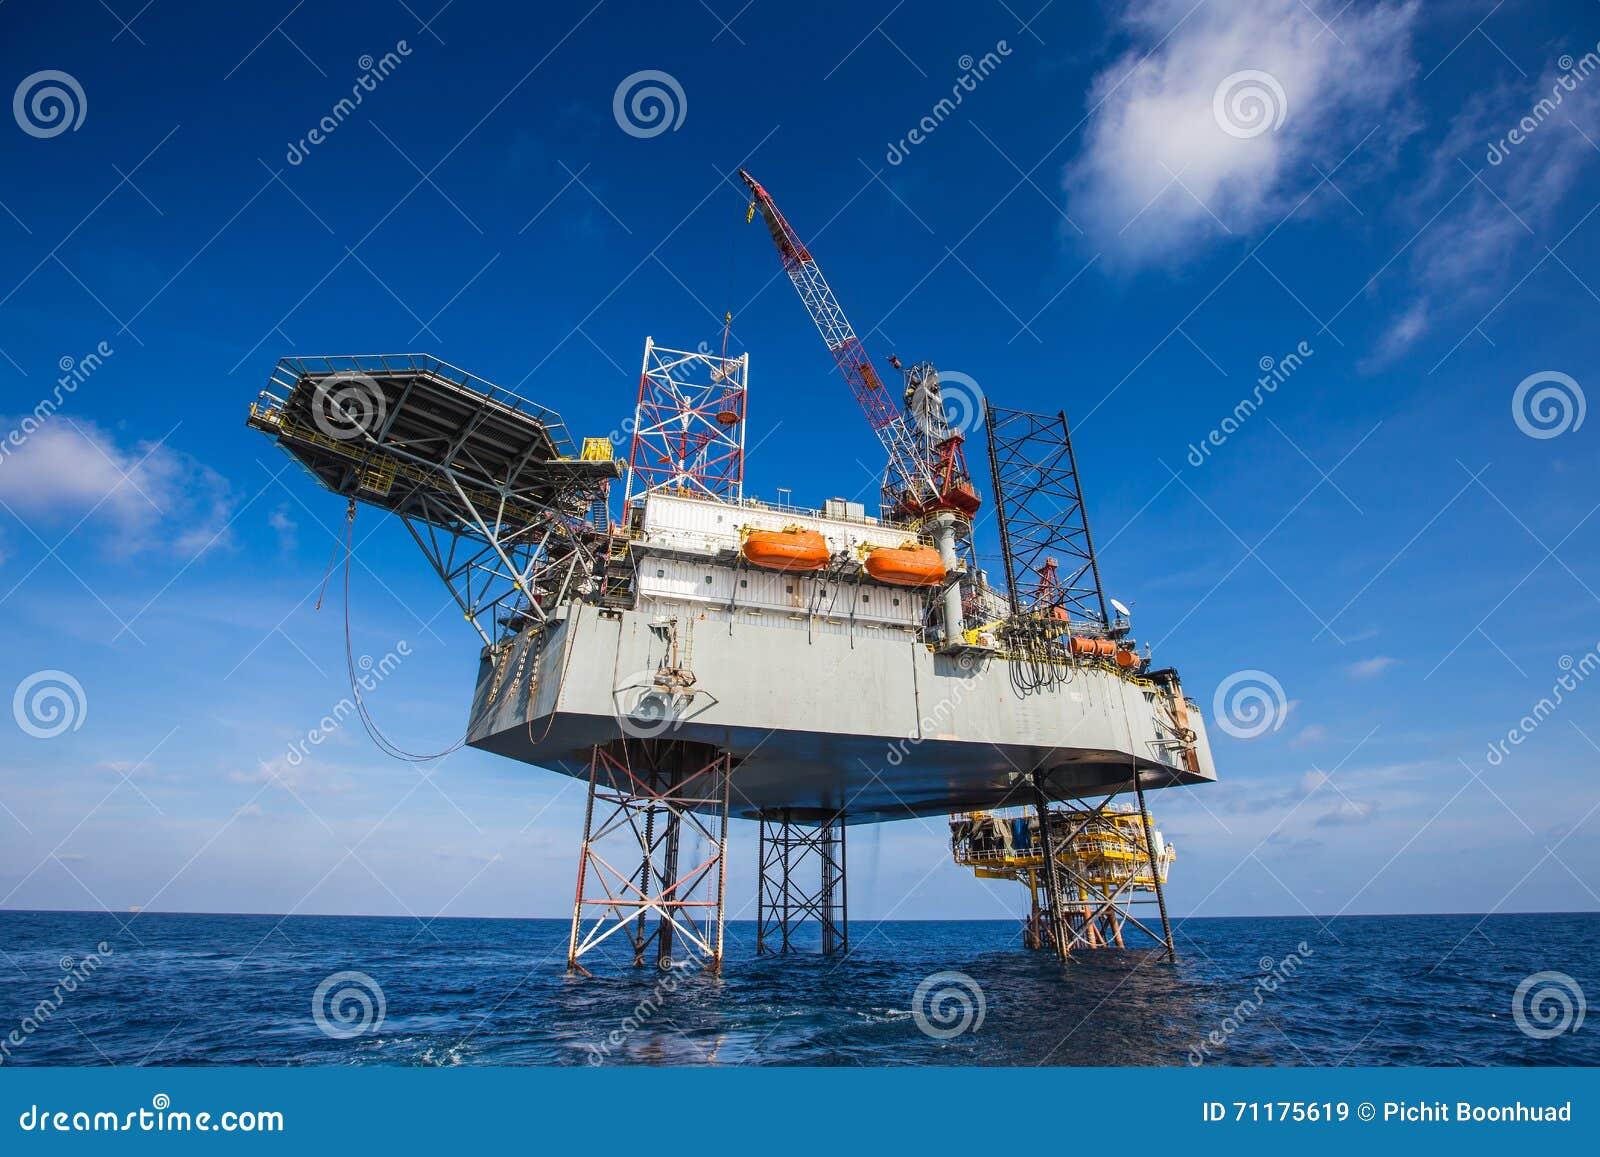 运作在遥远的泉源平台的油和煤气凿岩机,准备由个人篮子转移乘客